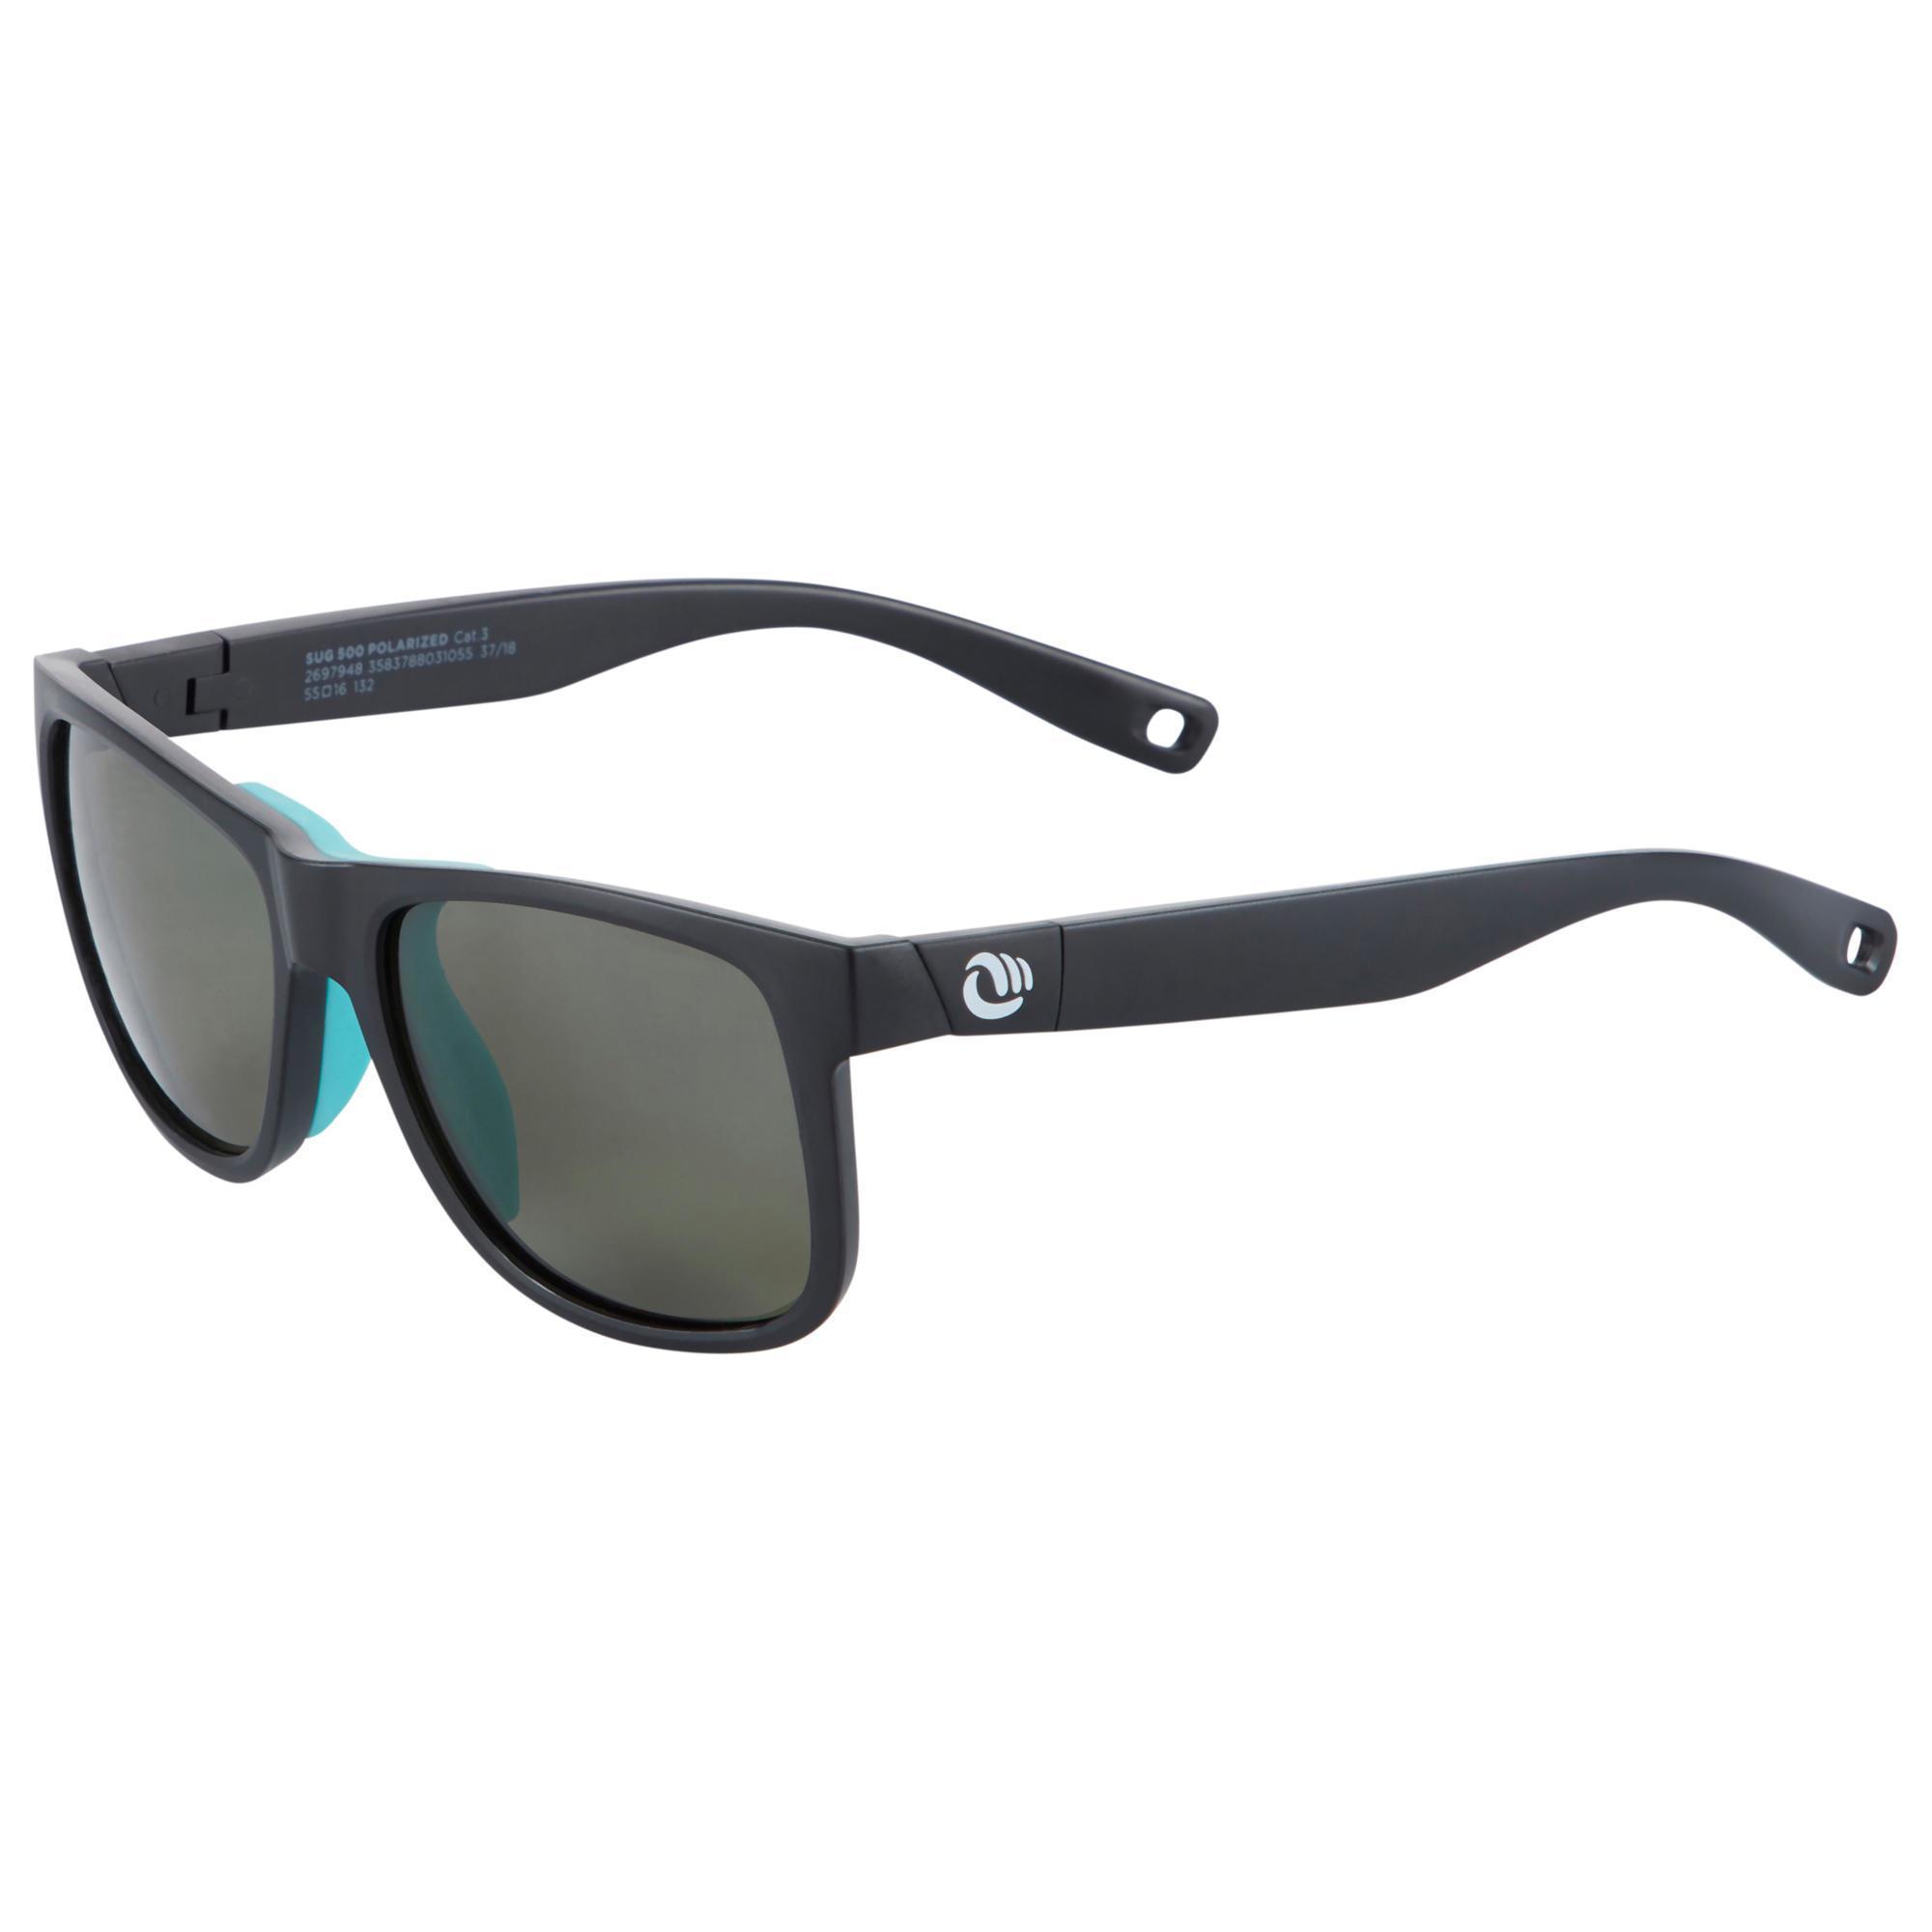 Olaian Zonnebril 500 voor surfers incl. brillenkoord kopen? Sport>Sportbrillen>Zonnebrillen met voordeel vind je hier